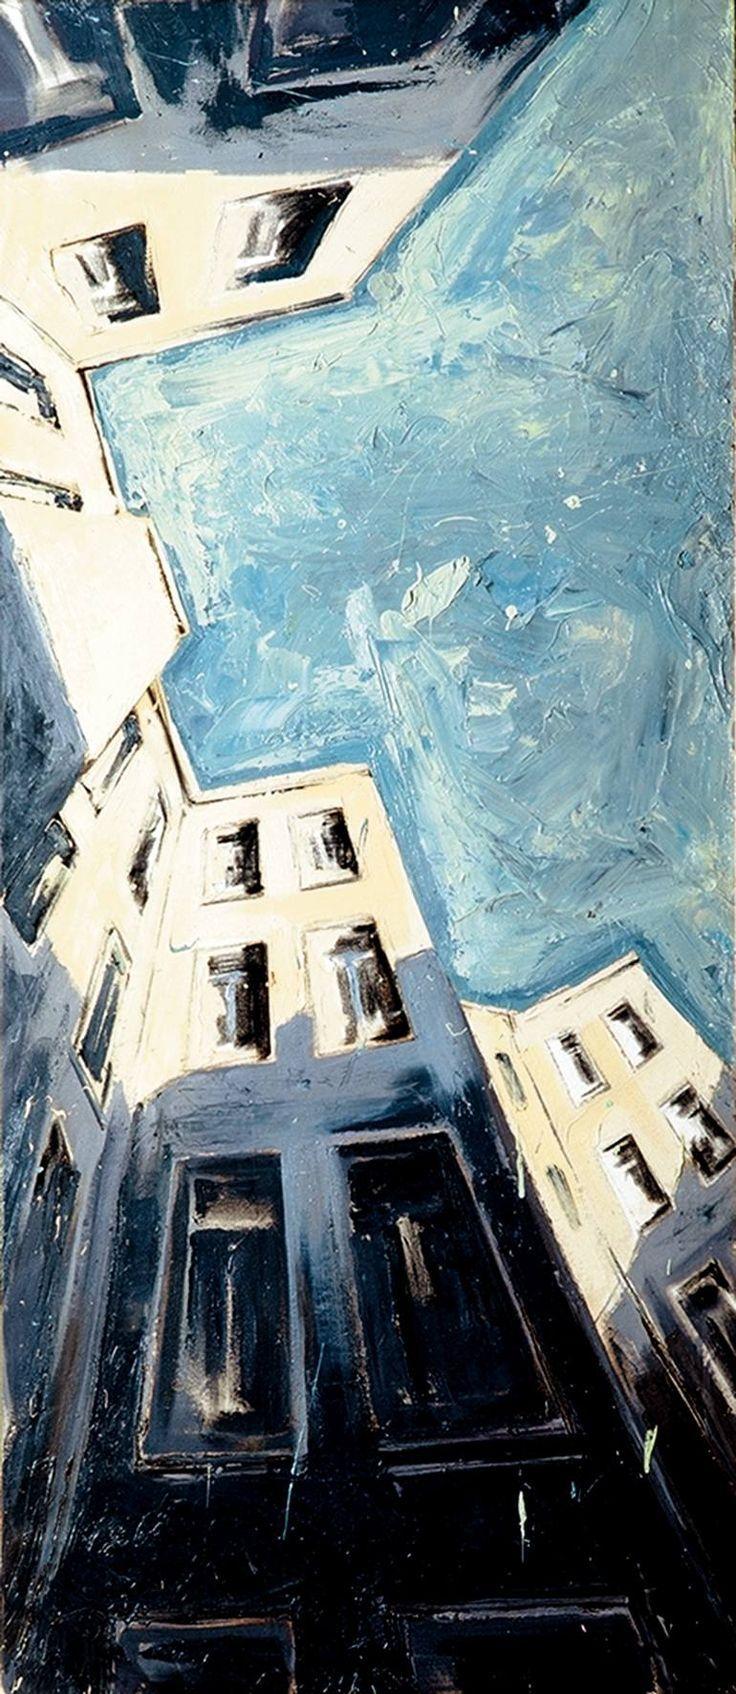 Saatchi Art Artist: Helge Windisch; Oil 1997 Painting berliner himmel - #Art #Artist #berliner #Helge #himmel #Oil #Painting #Saatchi #Windisch #paisajeurbano